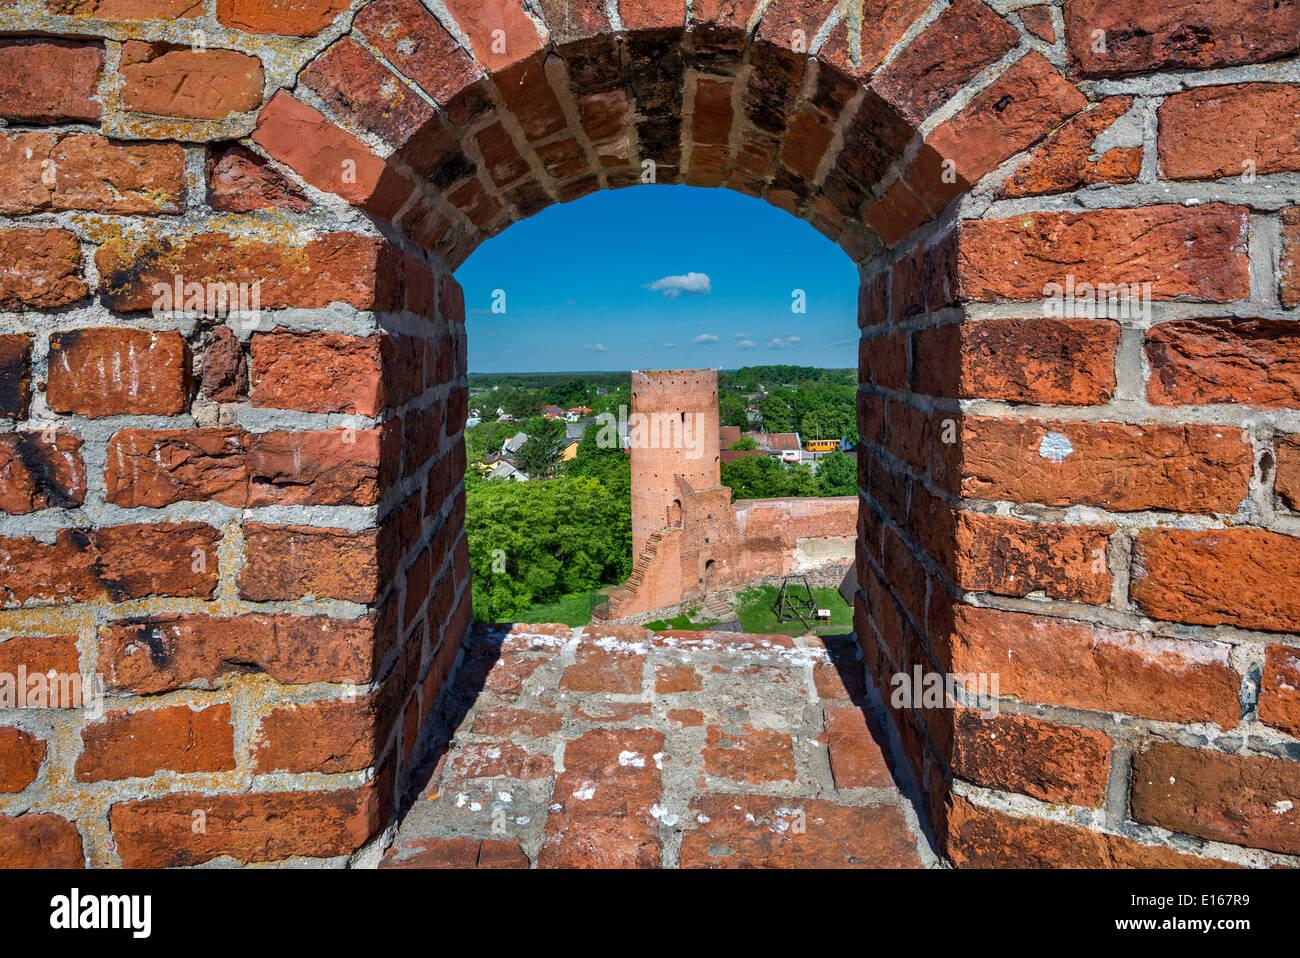 Tour ouest vu par meurtrière à tour sud de Princes de Mazovie château médiéval près du village de Czersk, Mazovie, Pologne Photo Stock